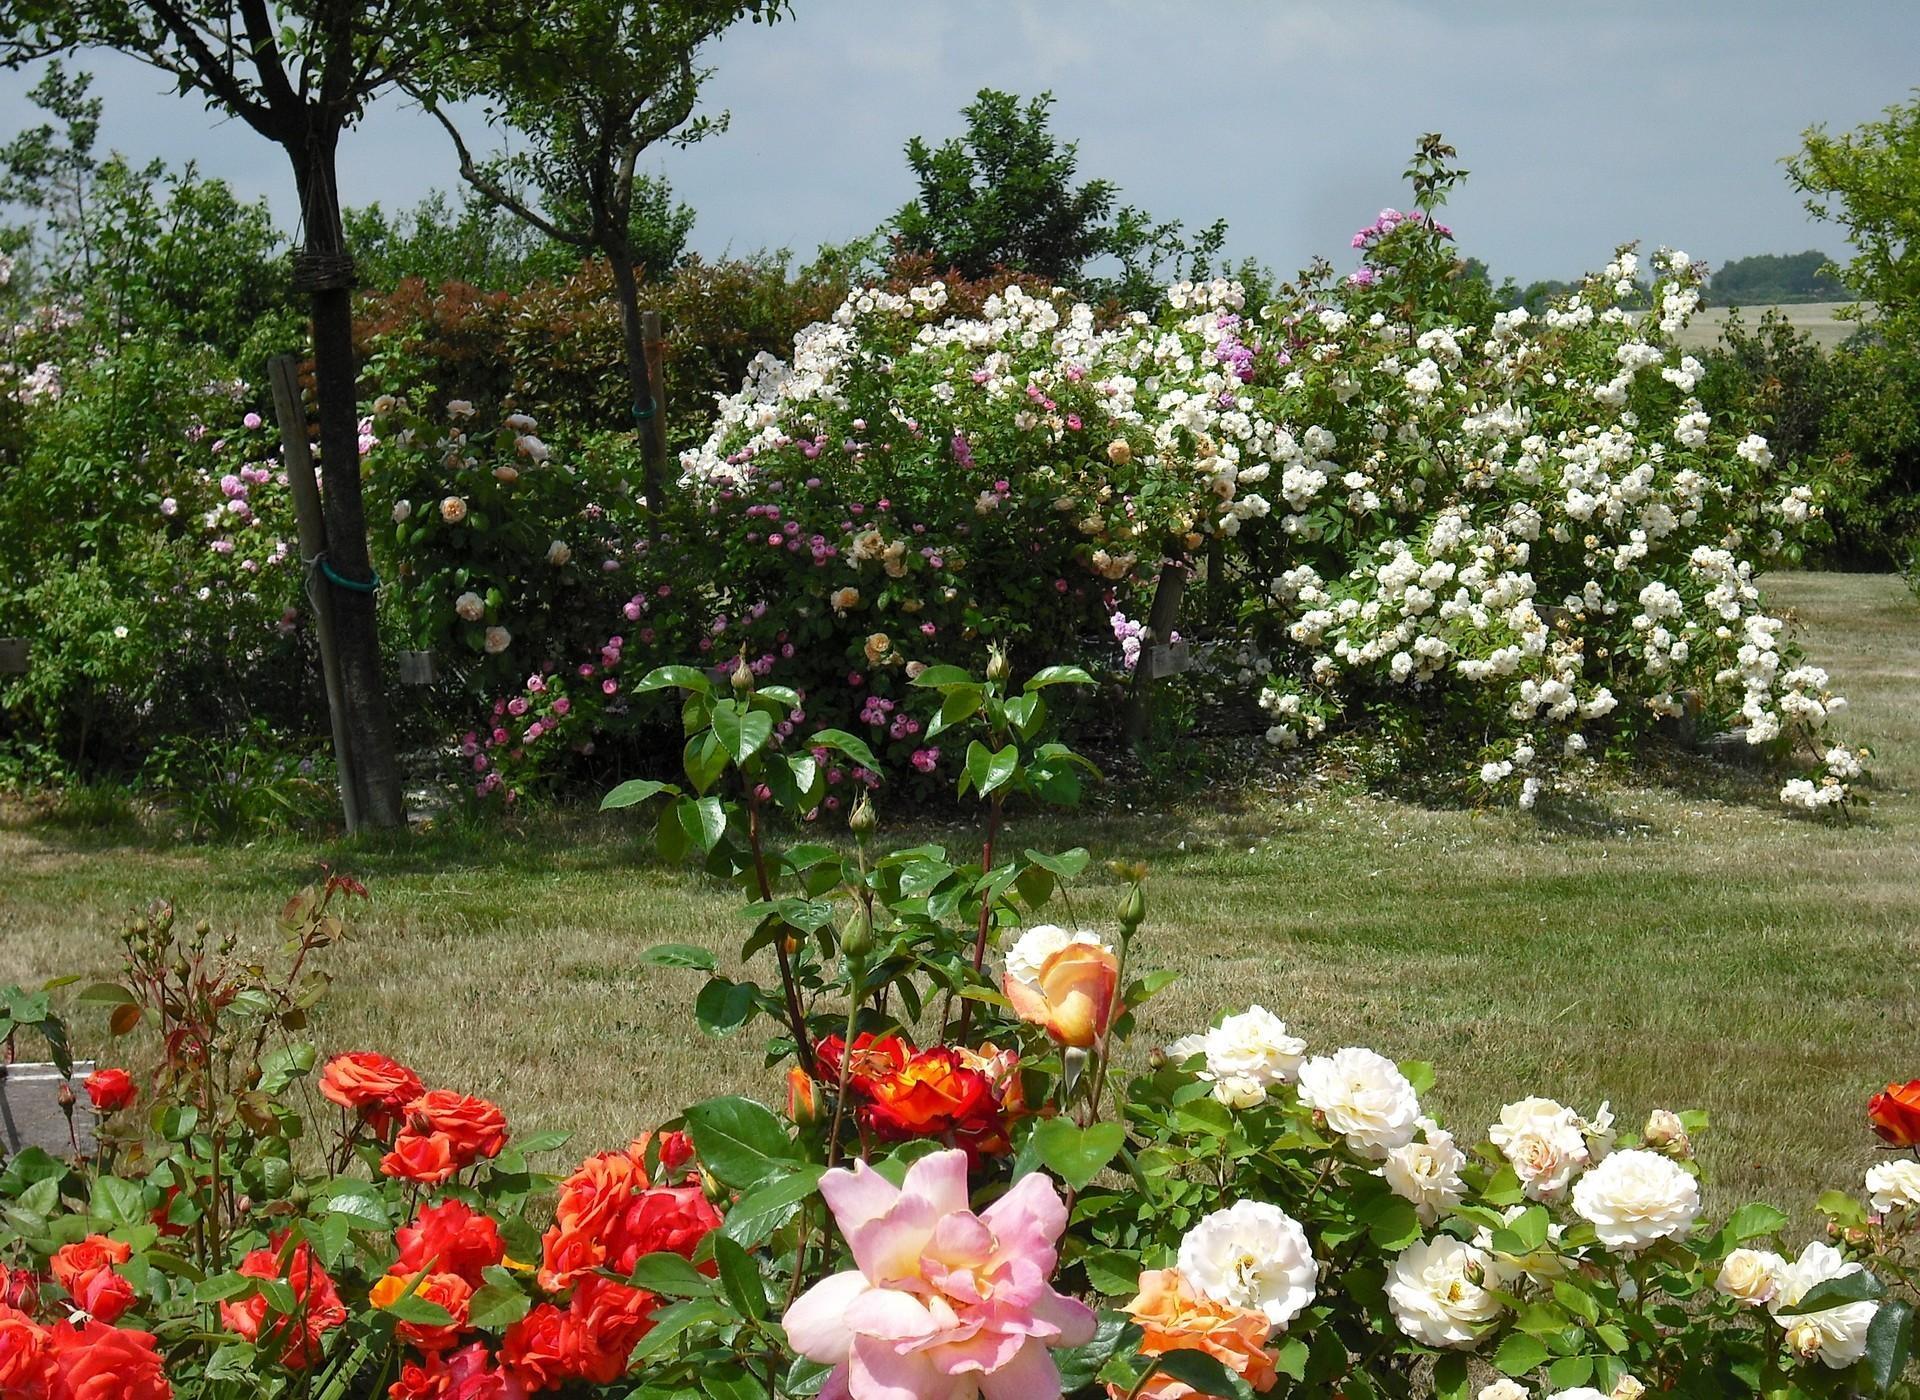 Wallpaper Roses Flowers Shrubs Garden Park Lawn 1920x1400 4kwallpaper 1082371 Hd Wallpapers Wallhere